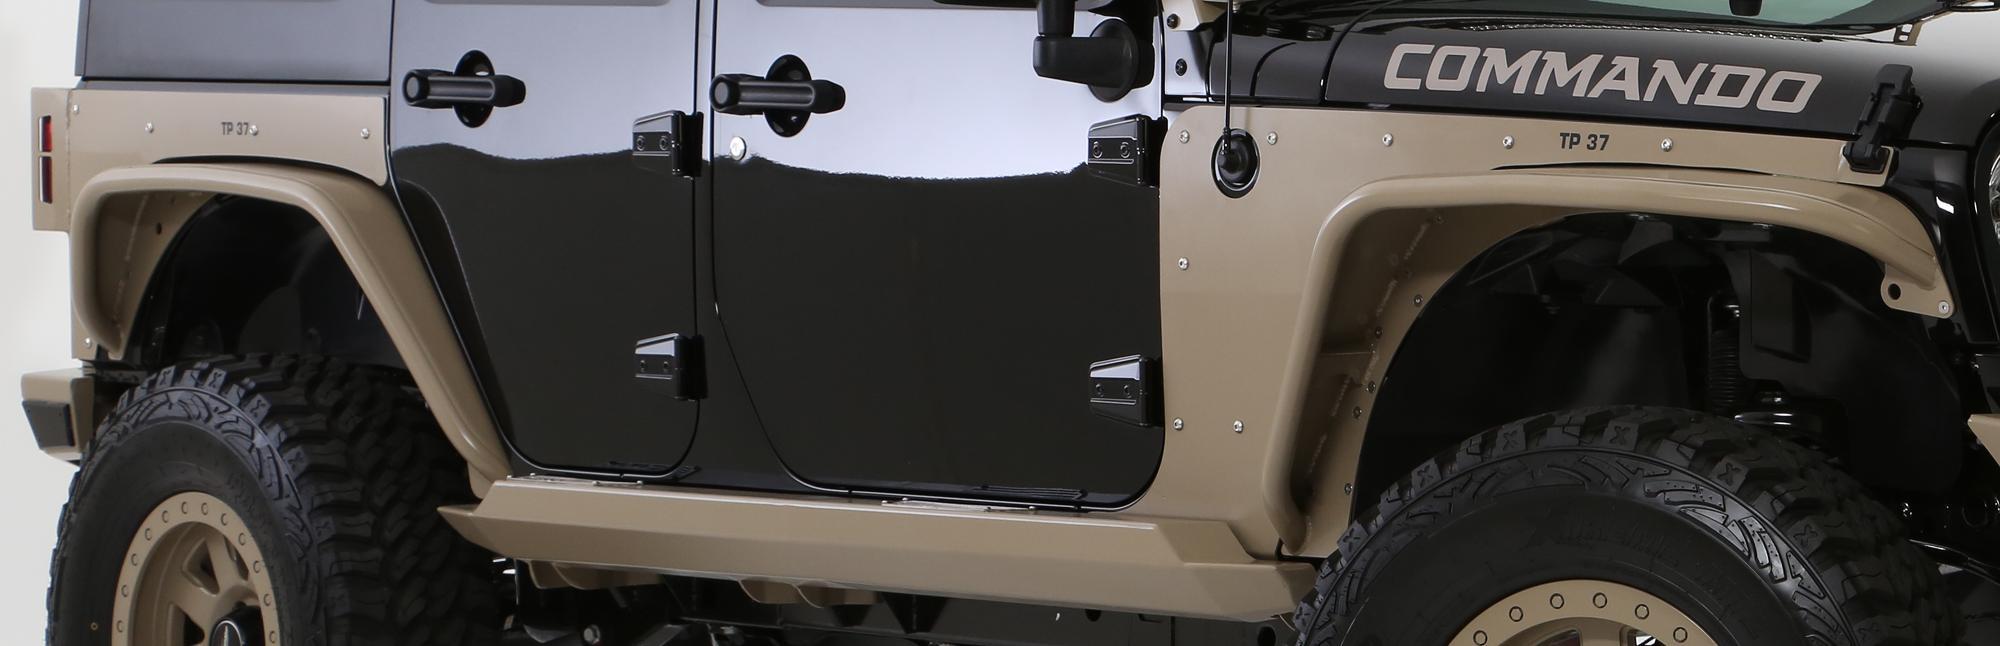 Lift Kits For Jeeps >> Smittybilt POISON SPYDER CRUSHER FENDER FLARES | Californa ...